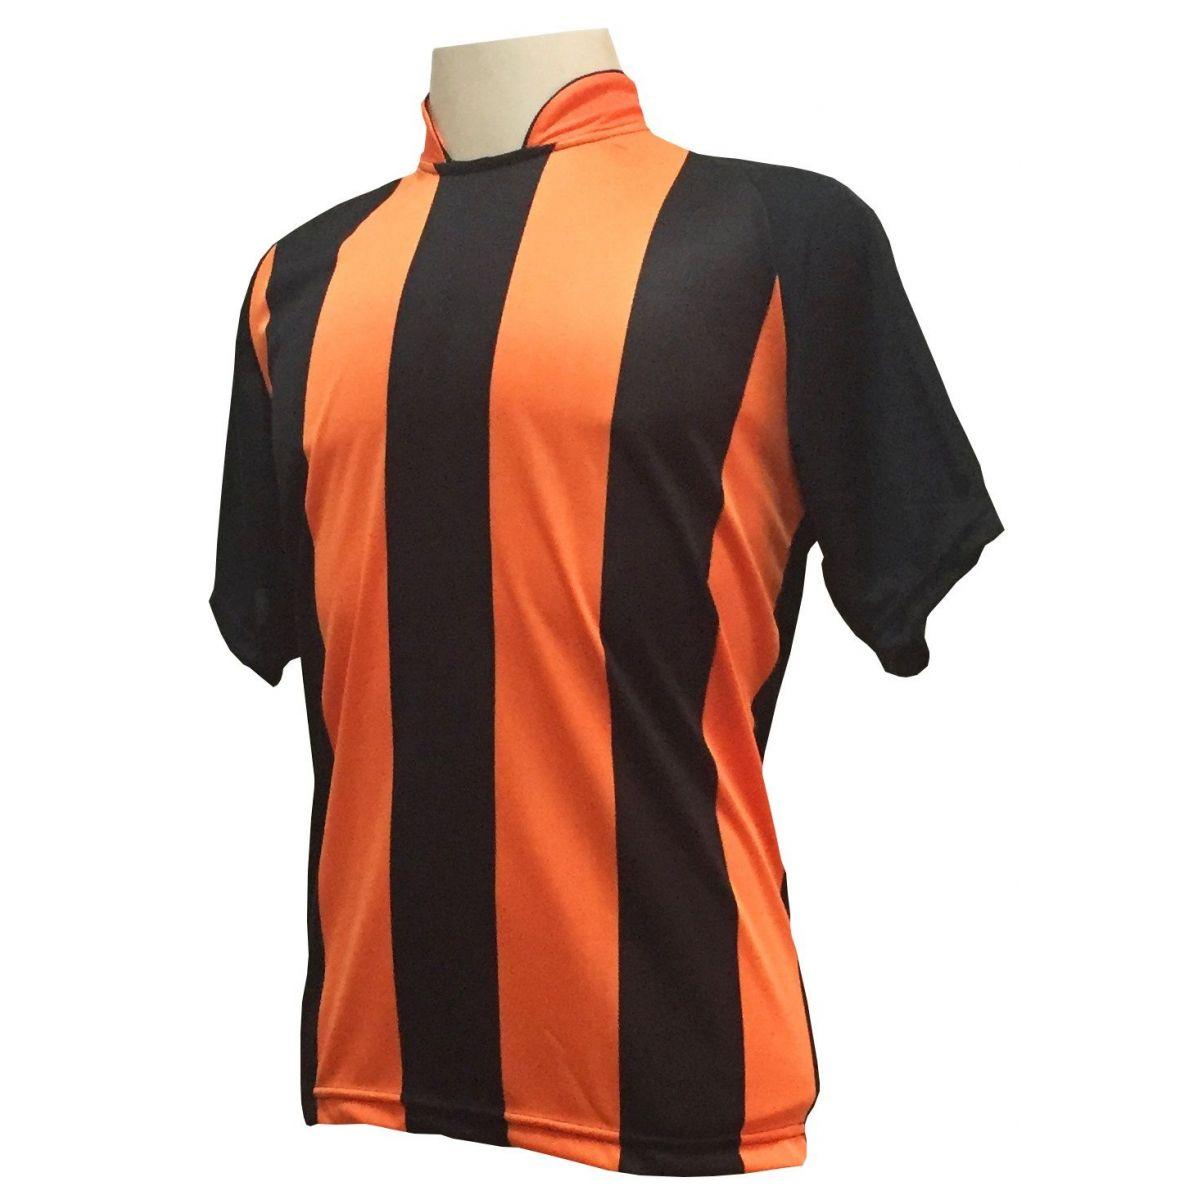 Uniforme Esportivo com 20 camisas modelo Milan Preto/Laranja + 20 calções modelo Madrid Preto + 20 pares de meiões Laranja